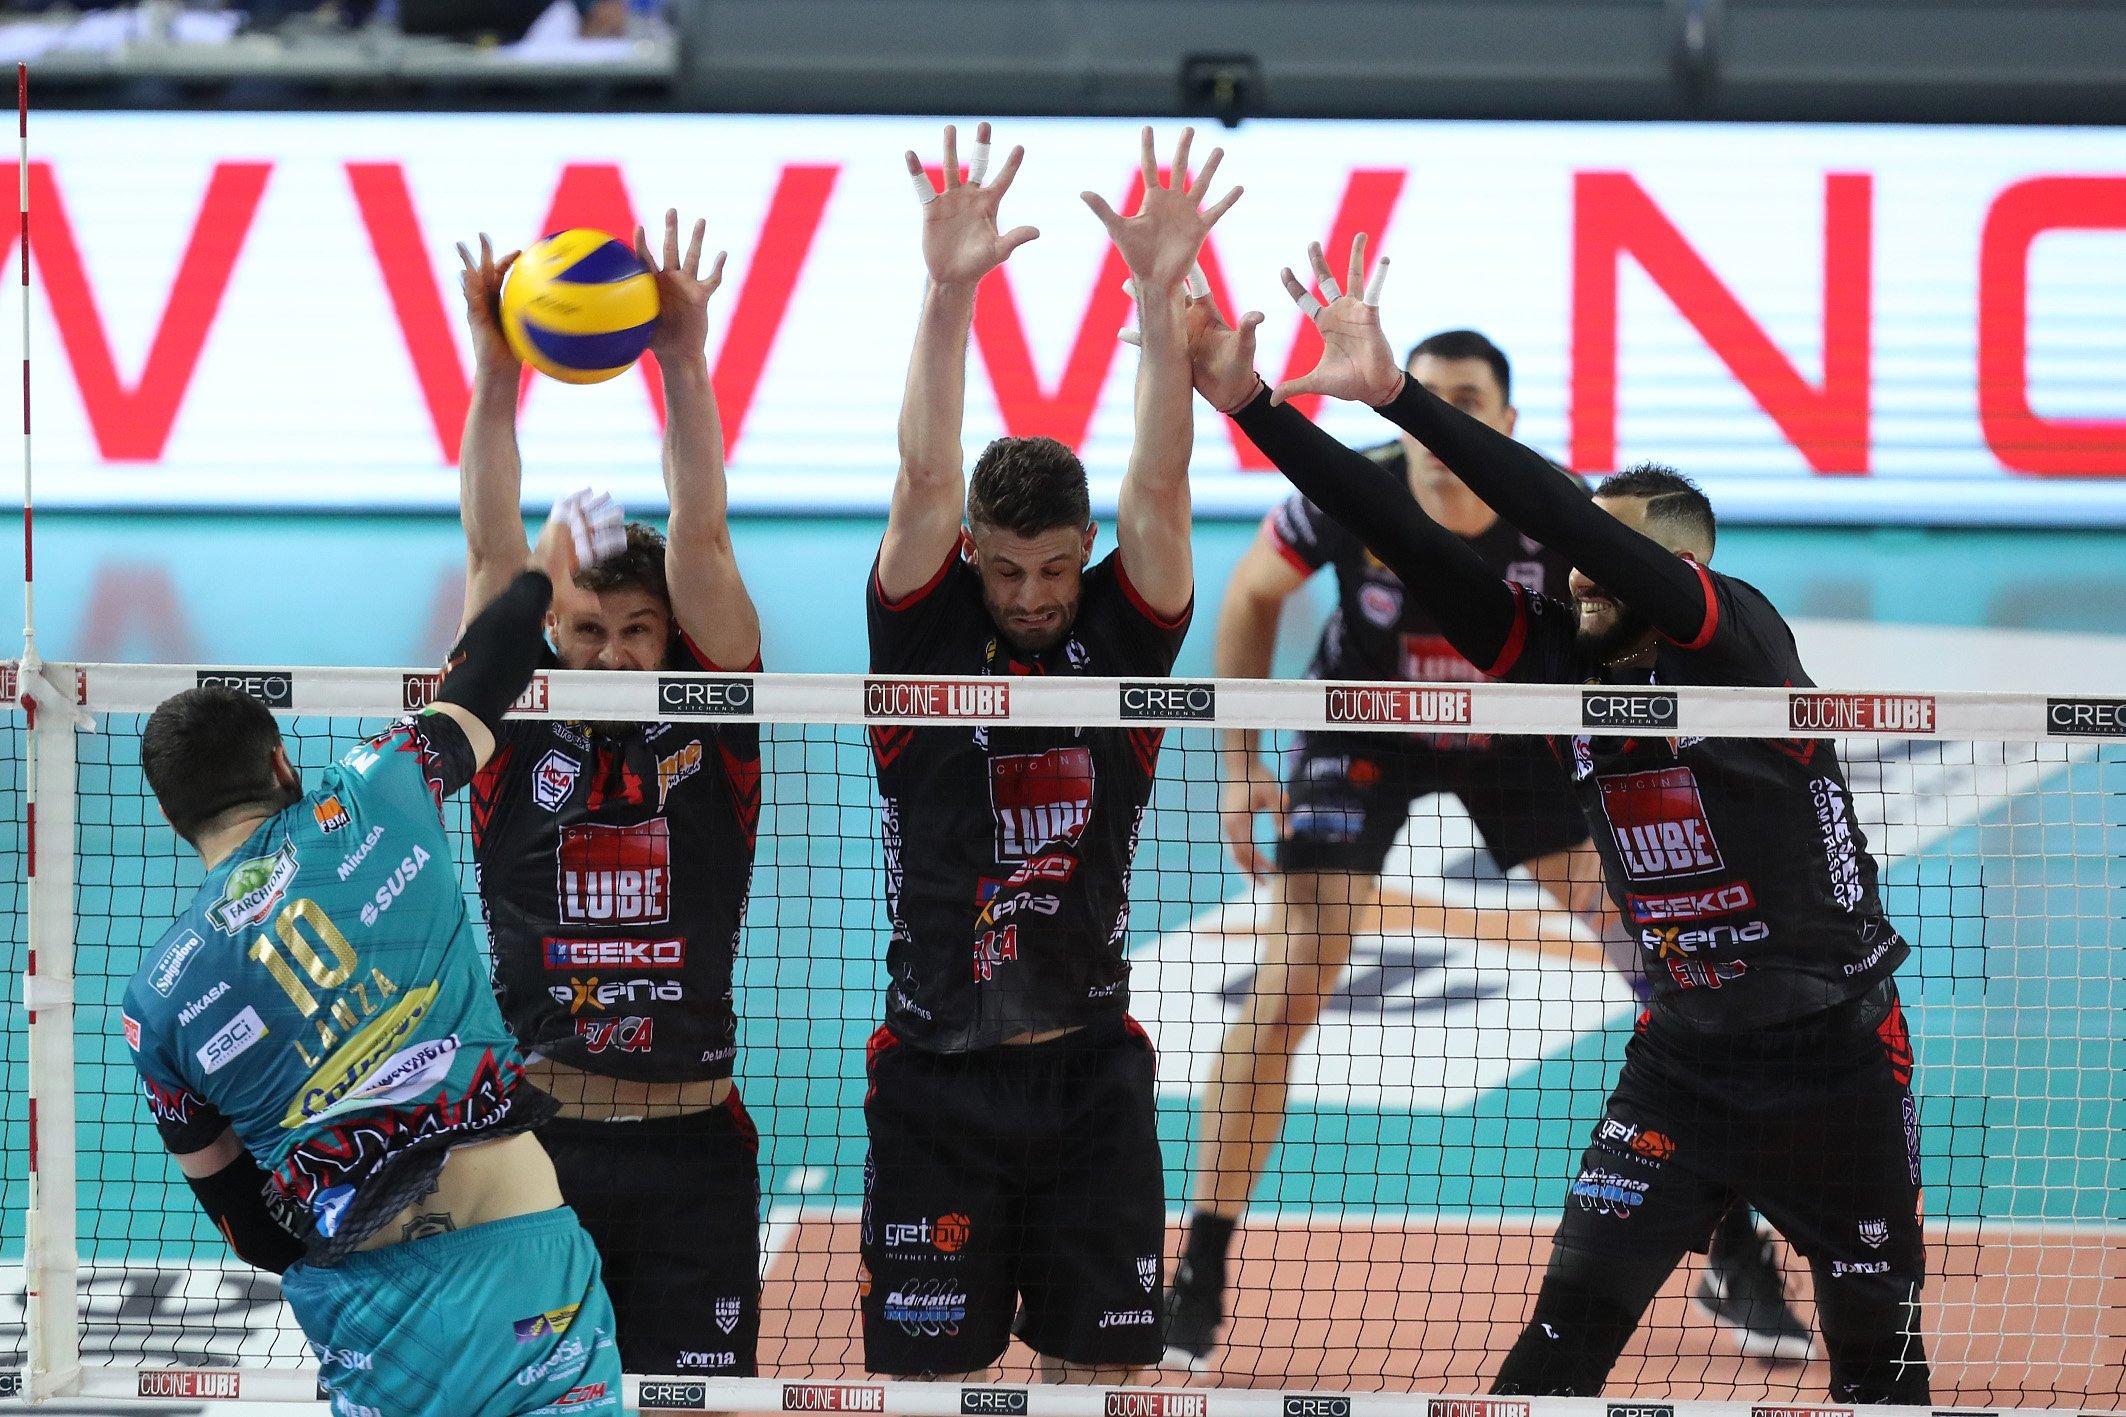 La defensa en la net del Civitanova fue muy importante en la victoria. Foto: Tomada de Lega Volley